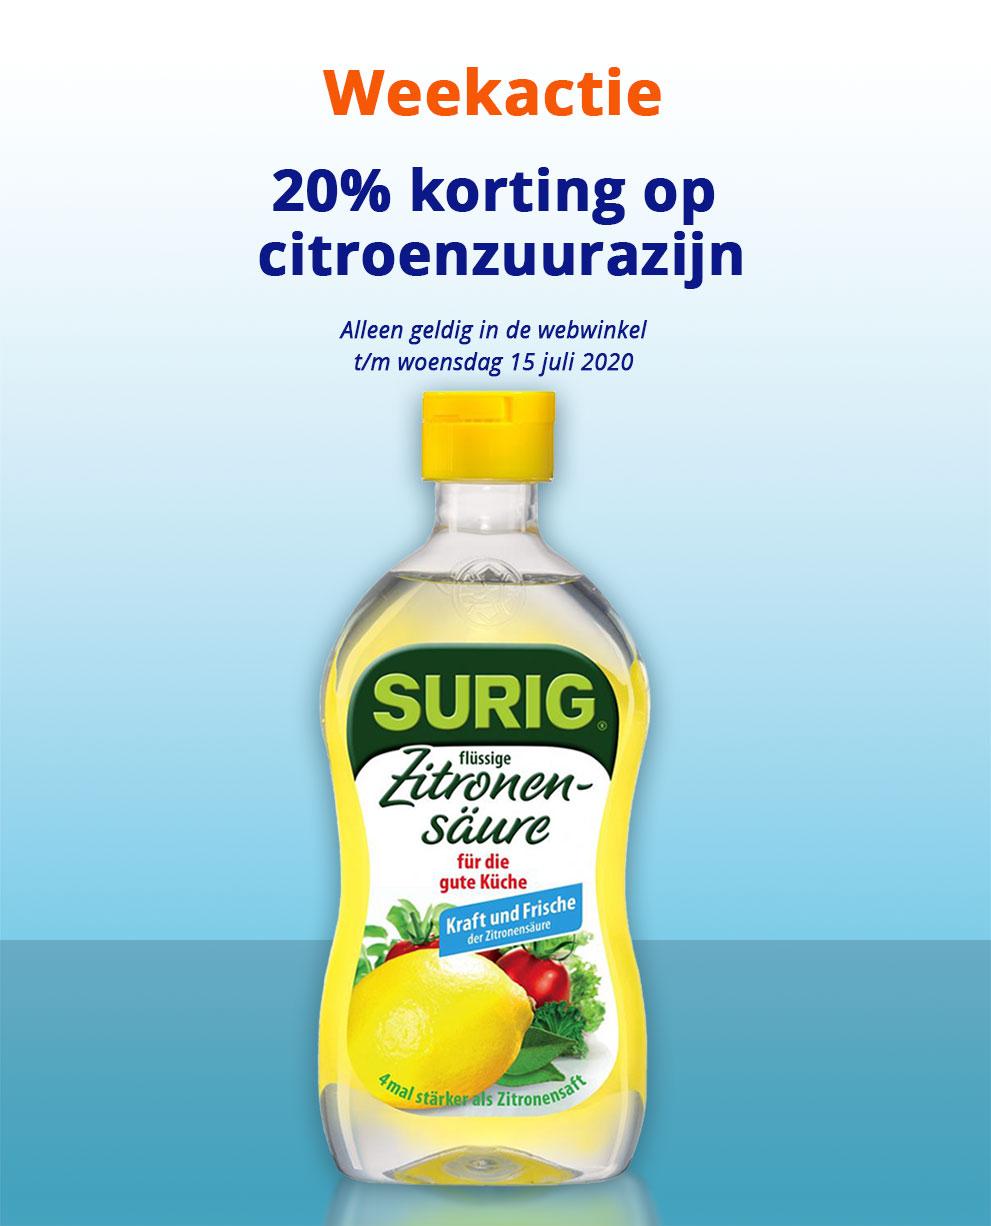 Weekactie-citroenzuurazijn-juli2020-bakingsoda-nl